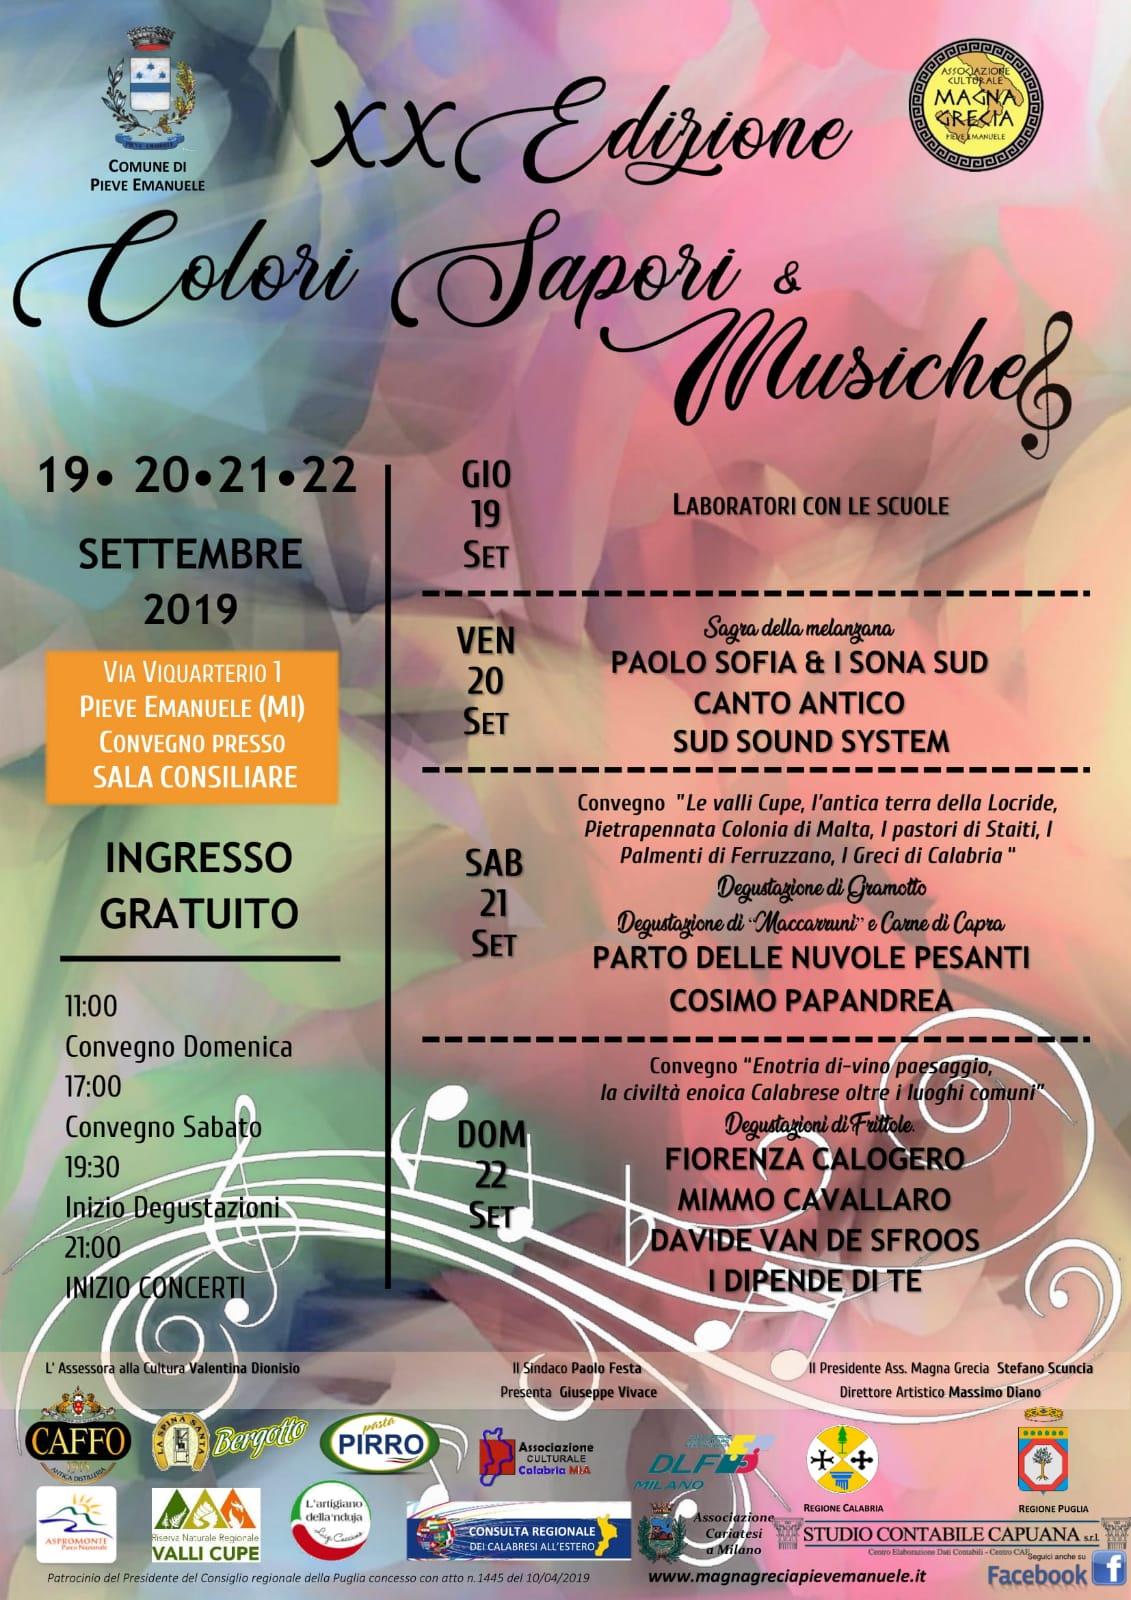 Calendario Concerti Calabria.Il Calendario Di Colori Sapori Musiche 2018